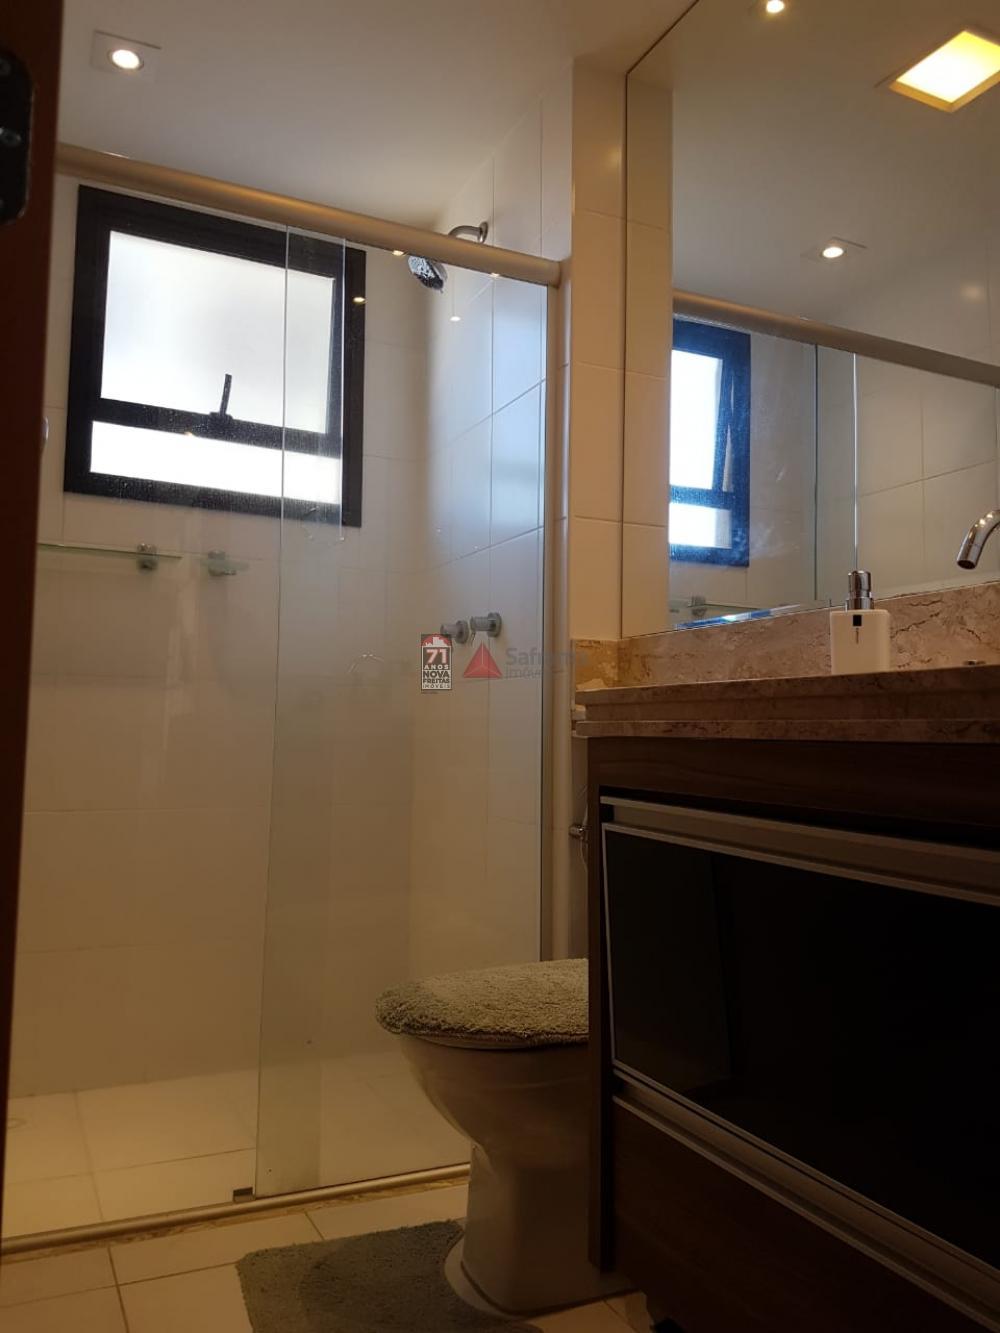 Comprar Apartamento / Padrão em São José dos Campos apenas R$ 588.000,00 - Foto 22